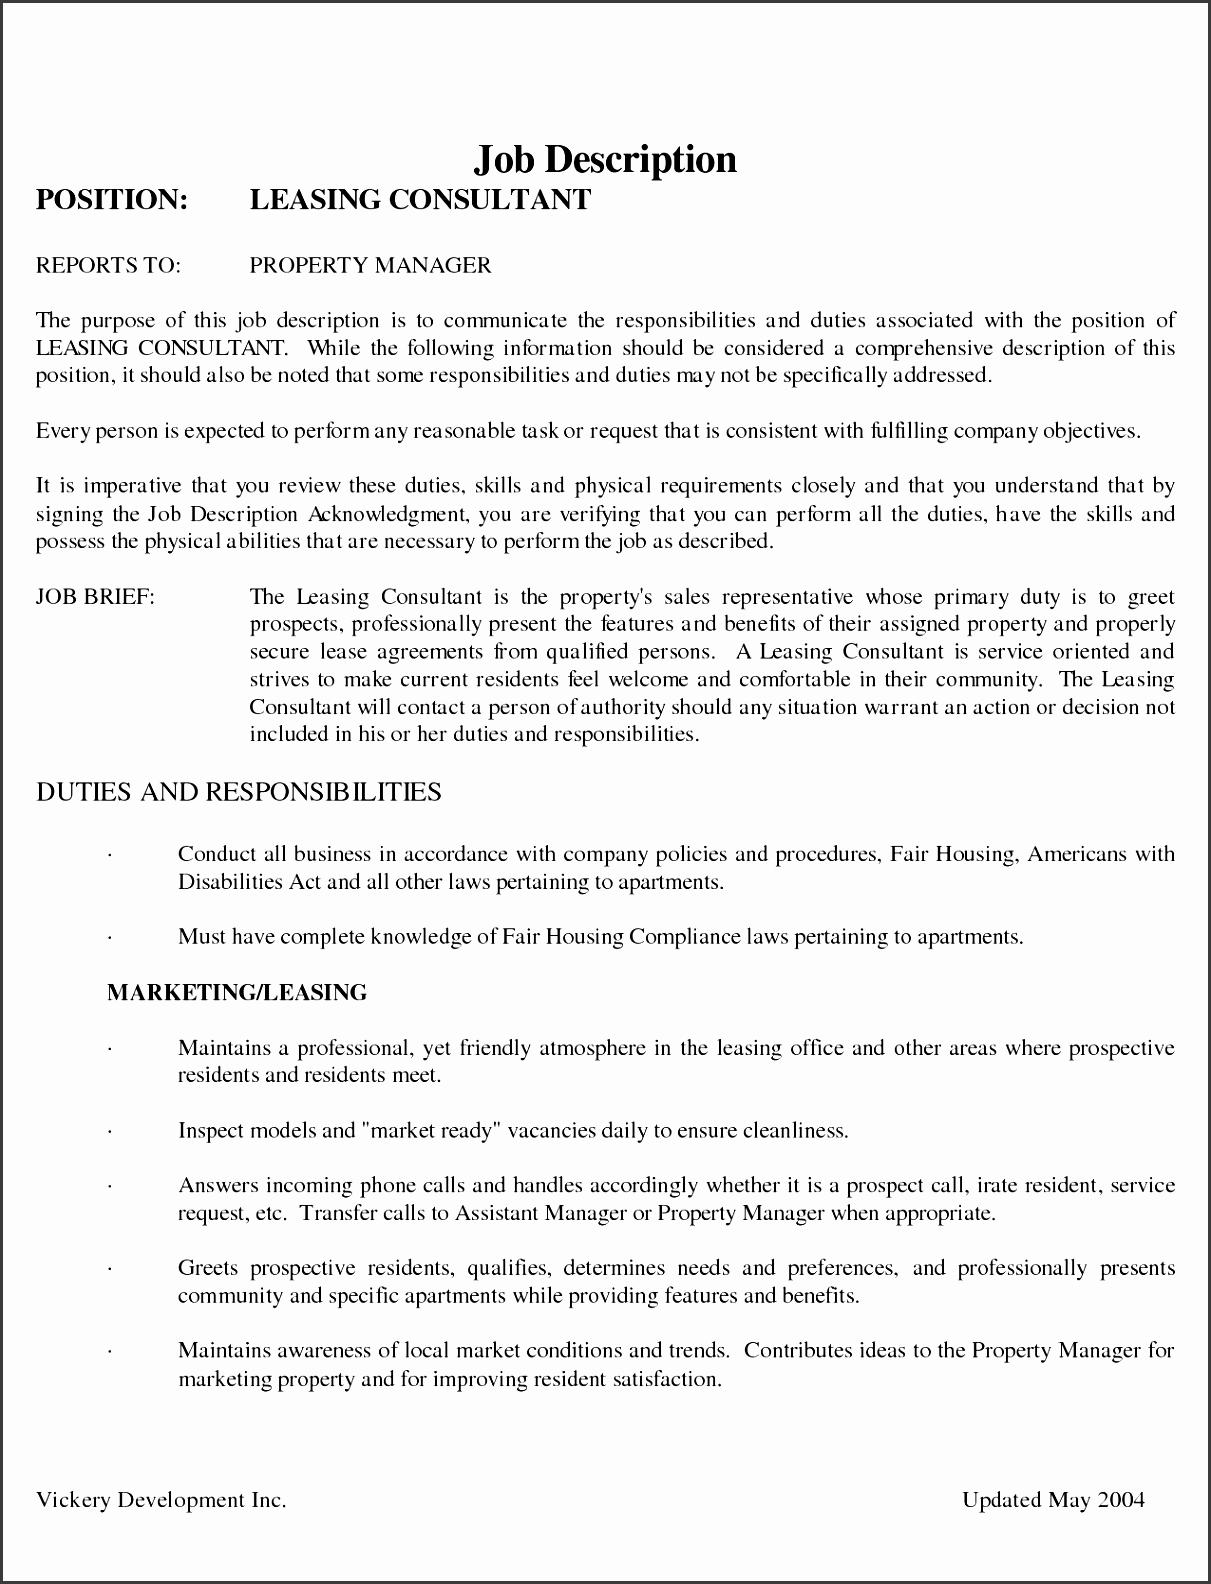 leasing consultant duties